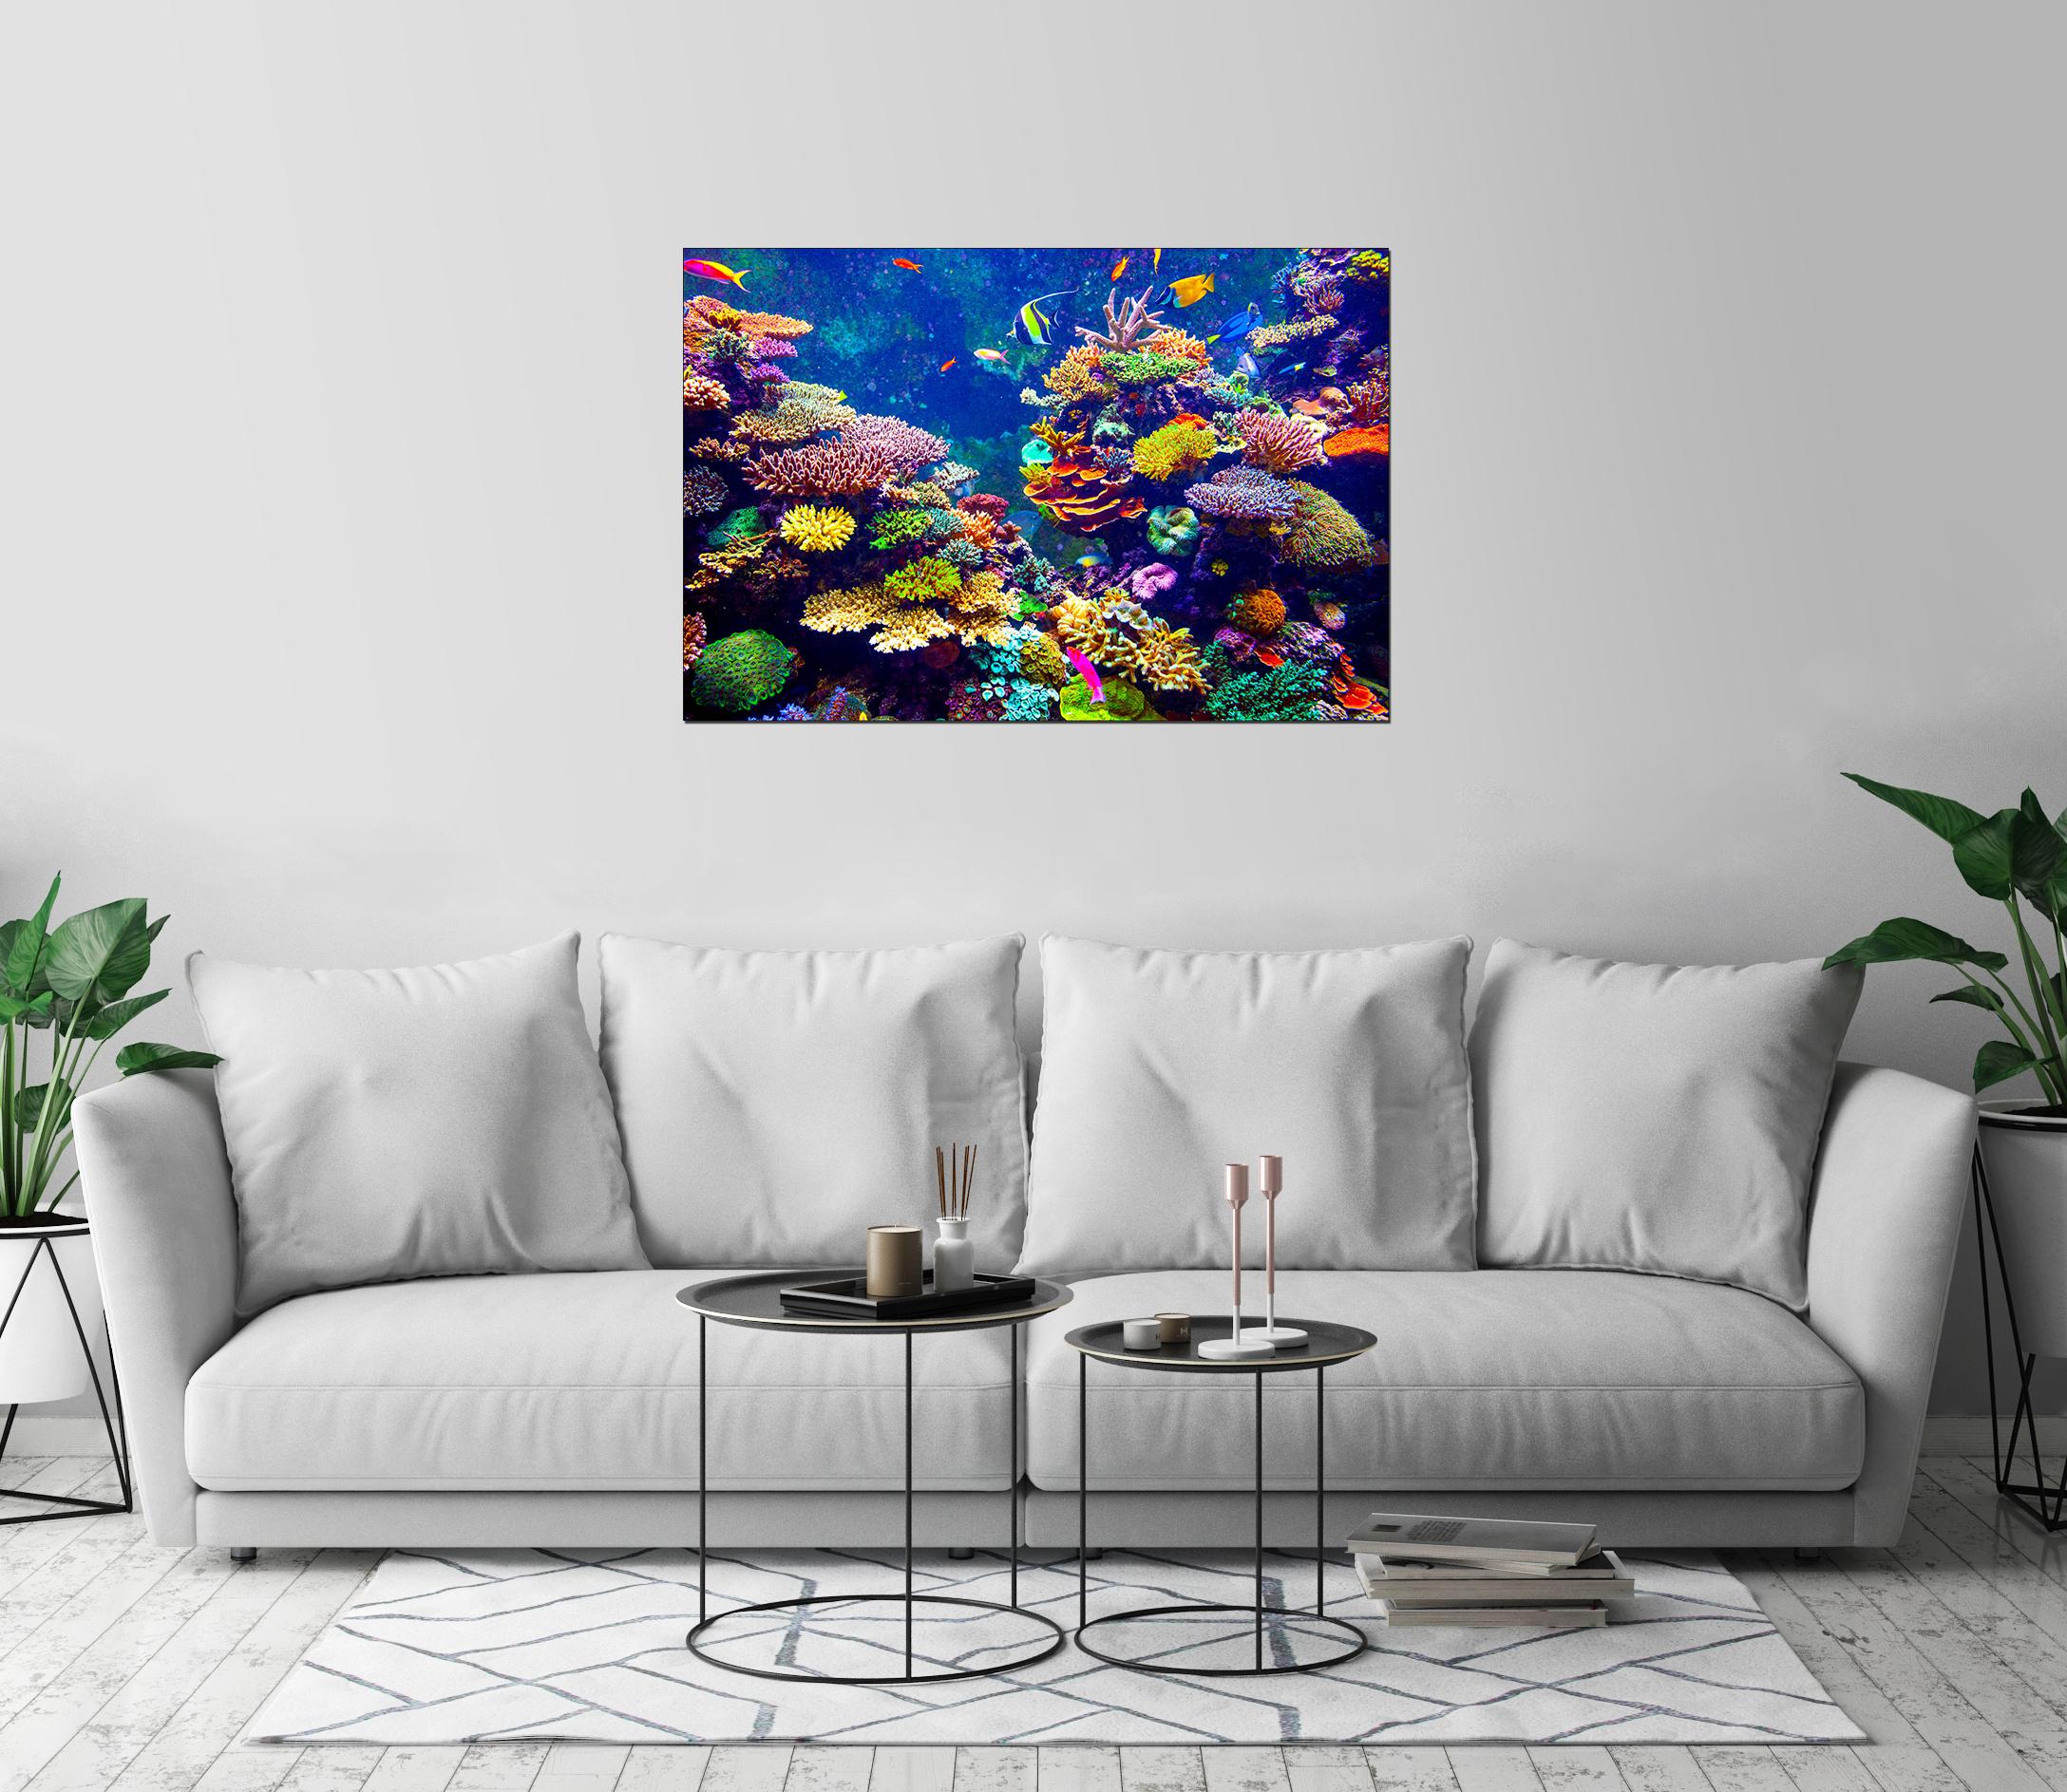 Coral Reef Tropical Fish Aquarium Art Print Wall Decor